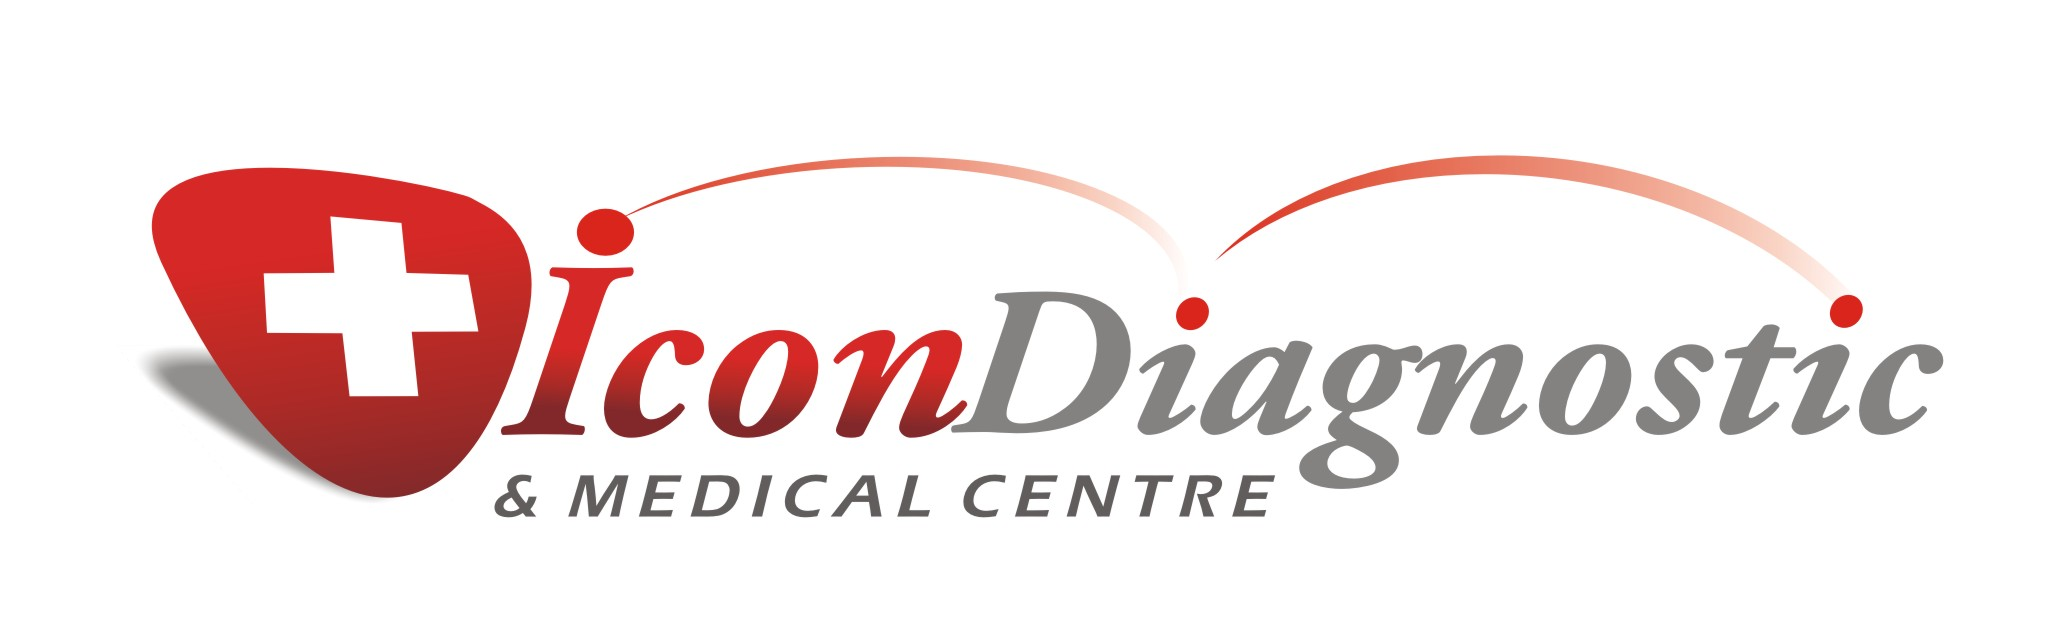 Icon Diagnostic Medical Centre